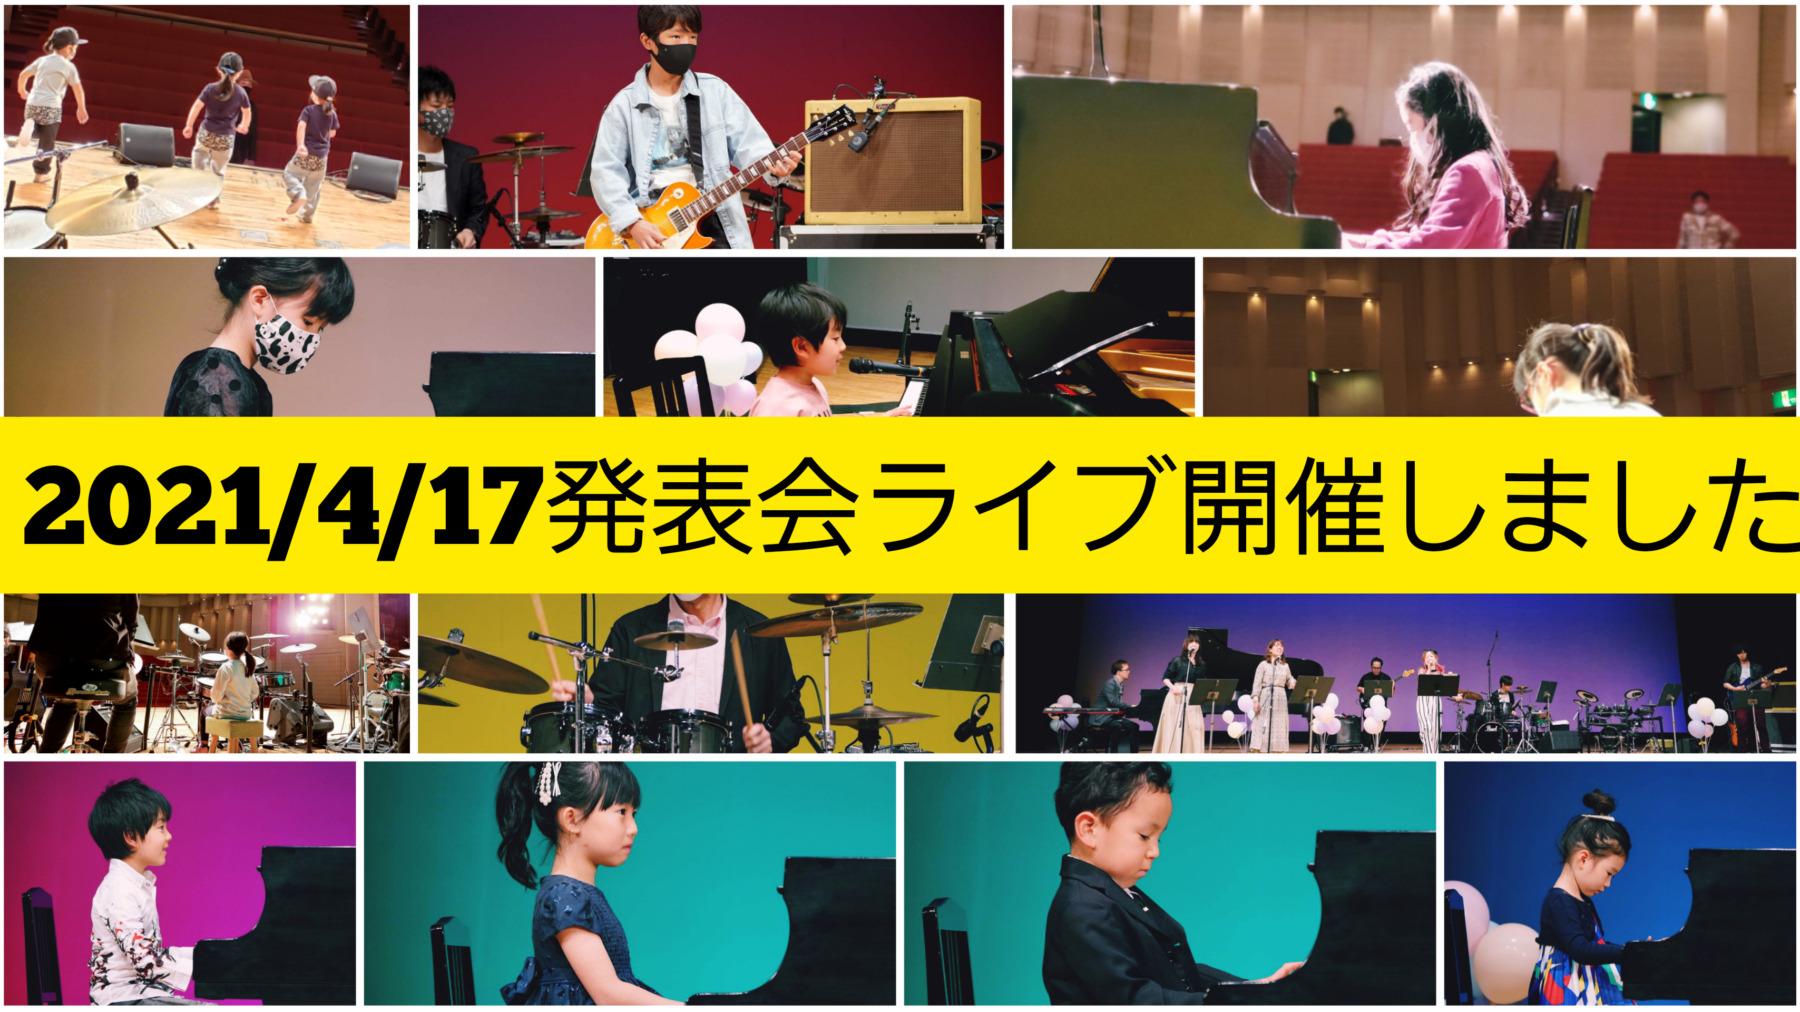 2021/4/17発表会ライブ開催しました!